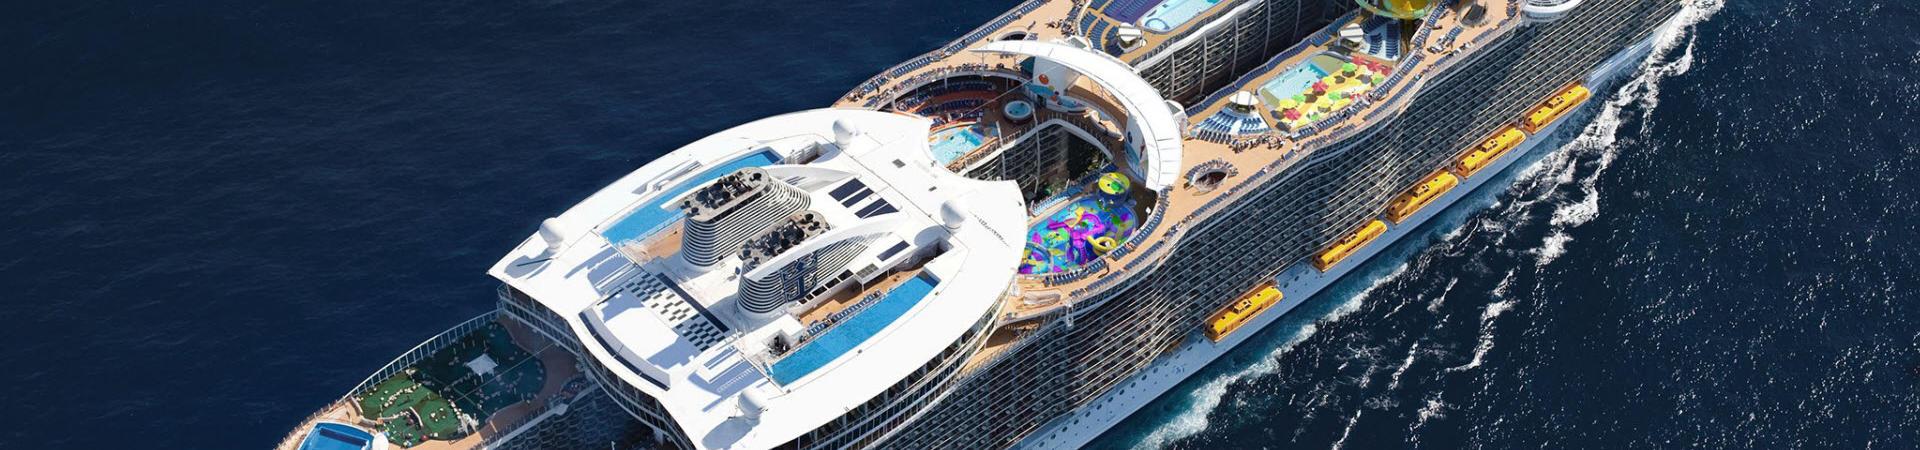 Large Resort Ships